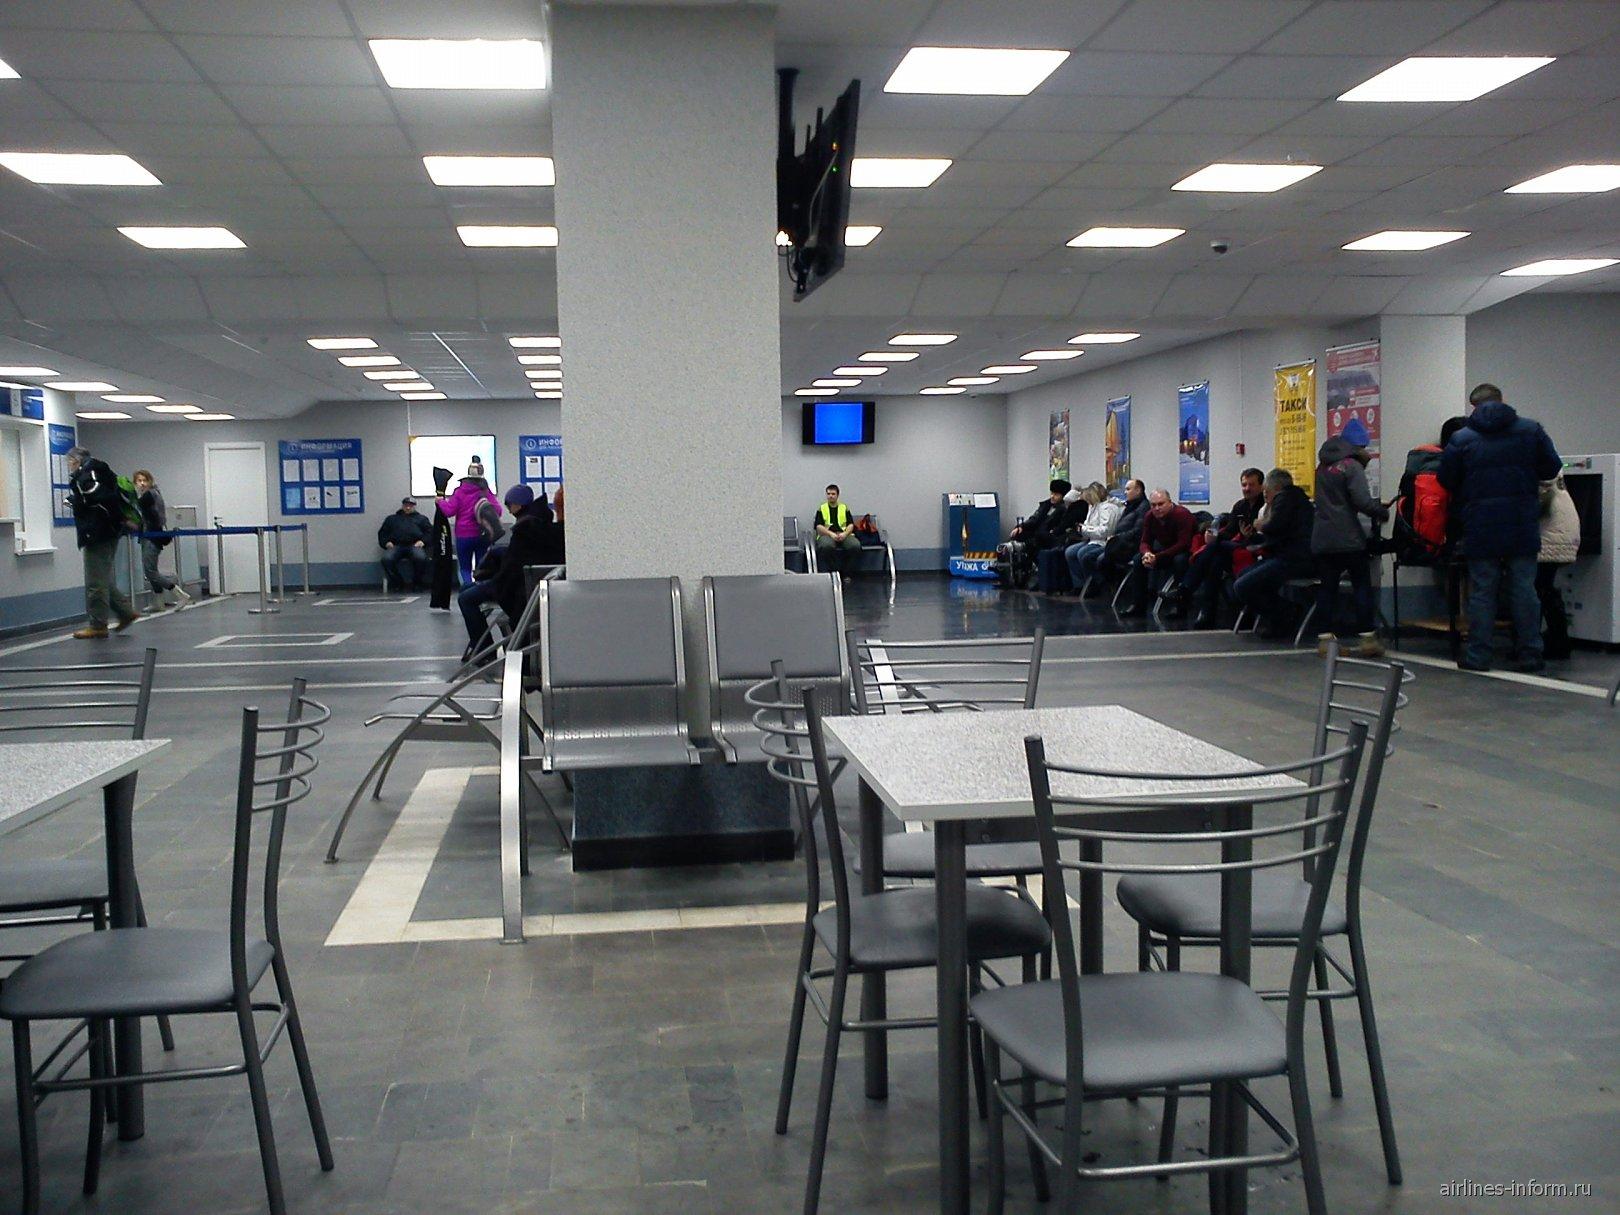 Зал ожидания в аэропорту Апатиты Хибины